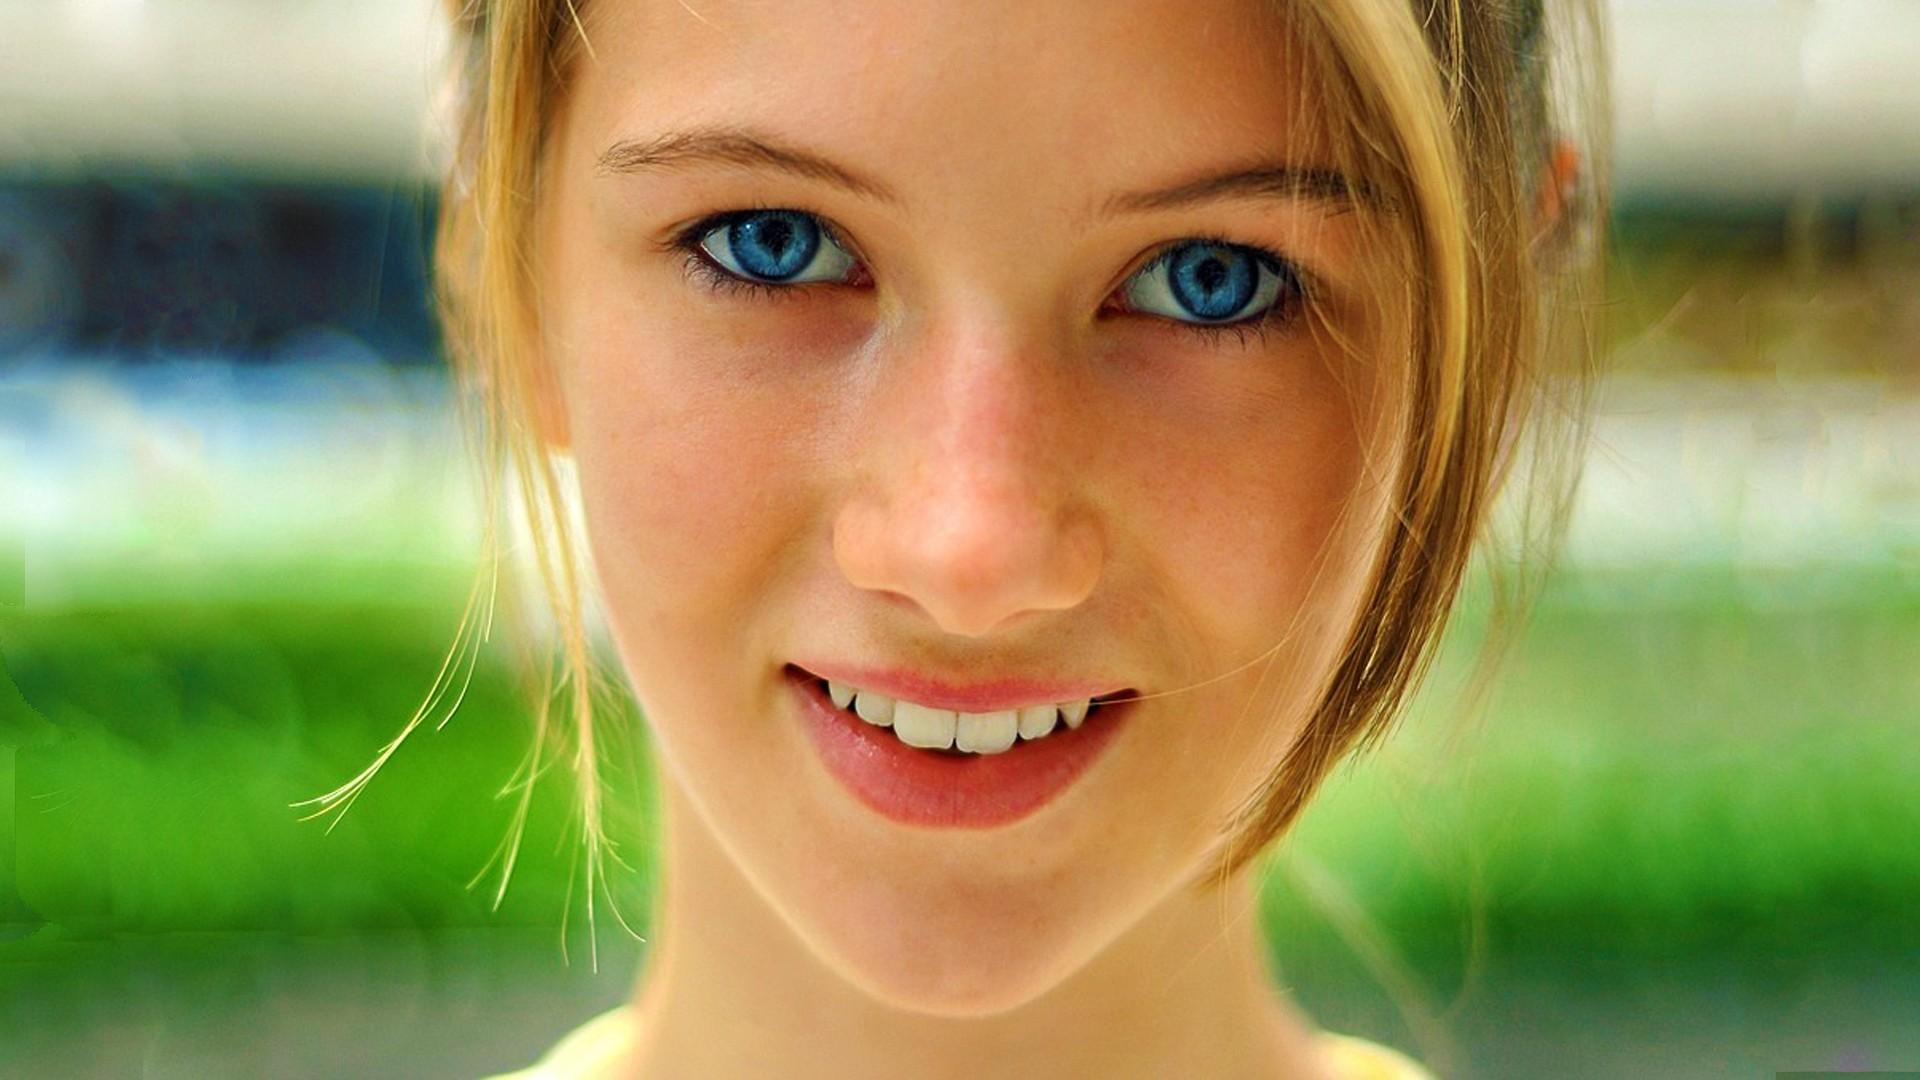 Fille aux yeux bleus sourire - Fille yeux bleu ...